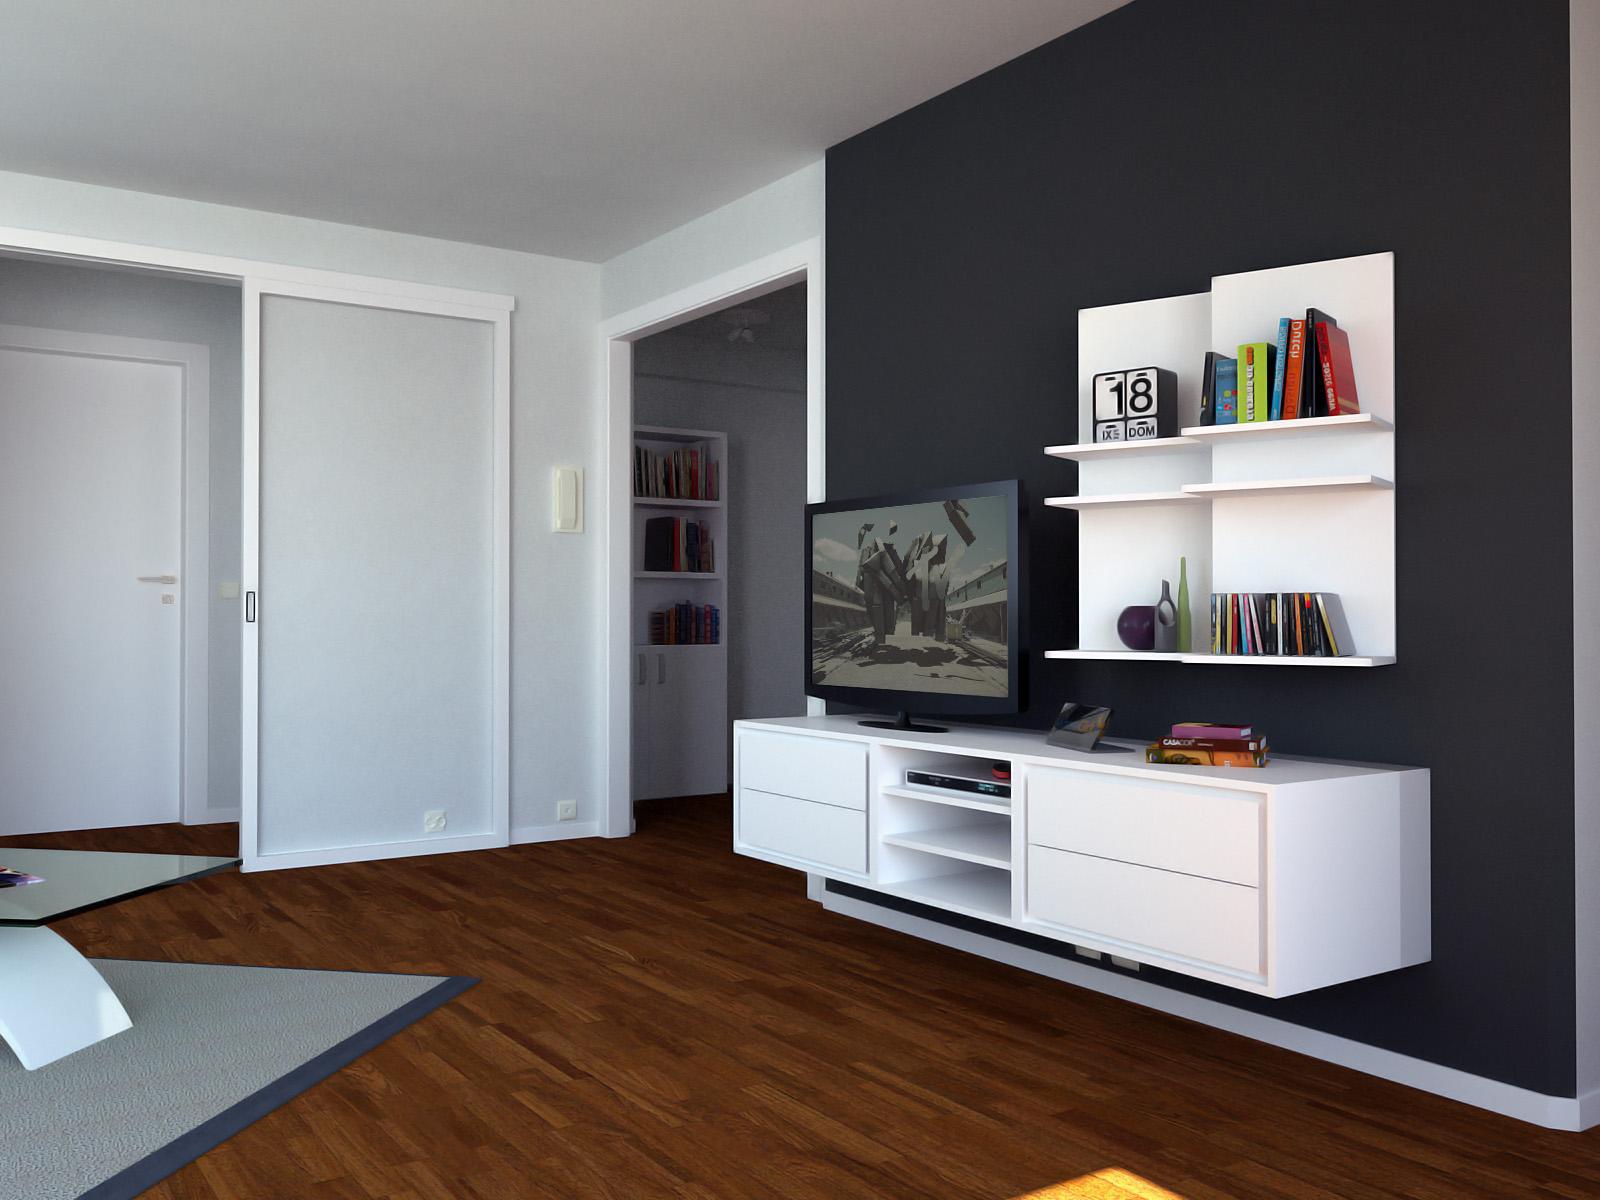 Arredare open space 50 mq isola ampio tavolo e soggiorno. Progetto Open Space 50 Mq 8122 Diotti Com